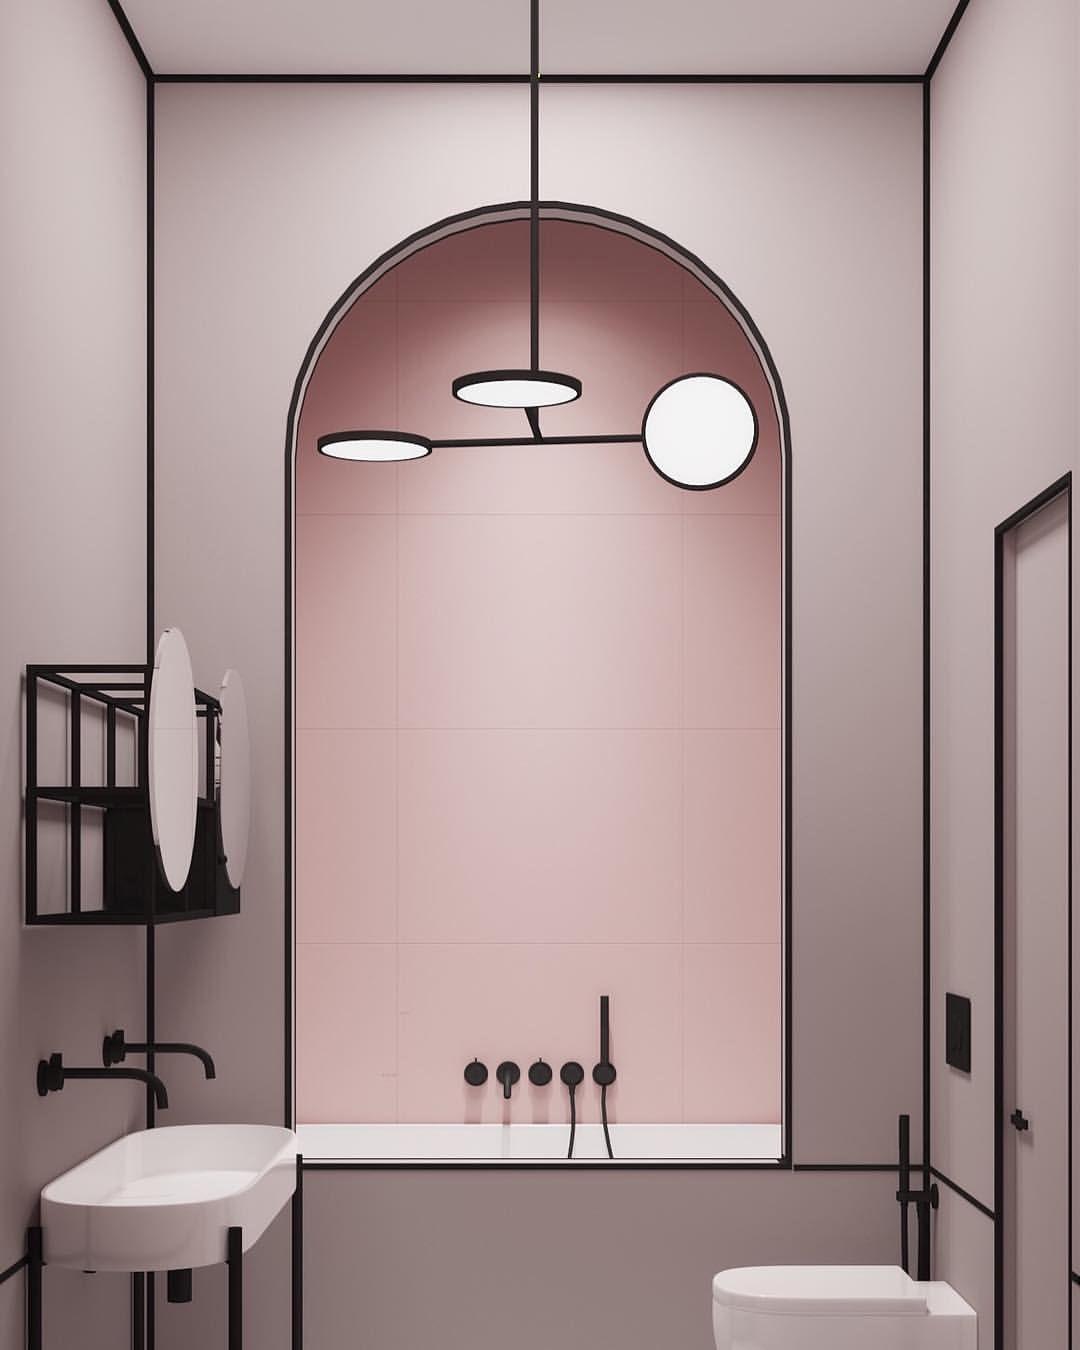 Je Veux Une Salle De Bain Art Deco With Images Bathroom